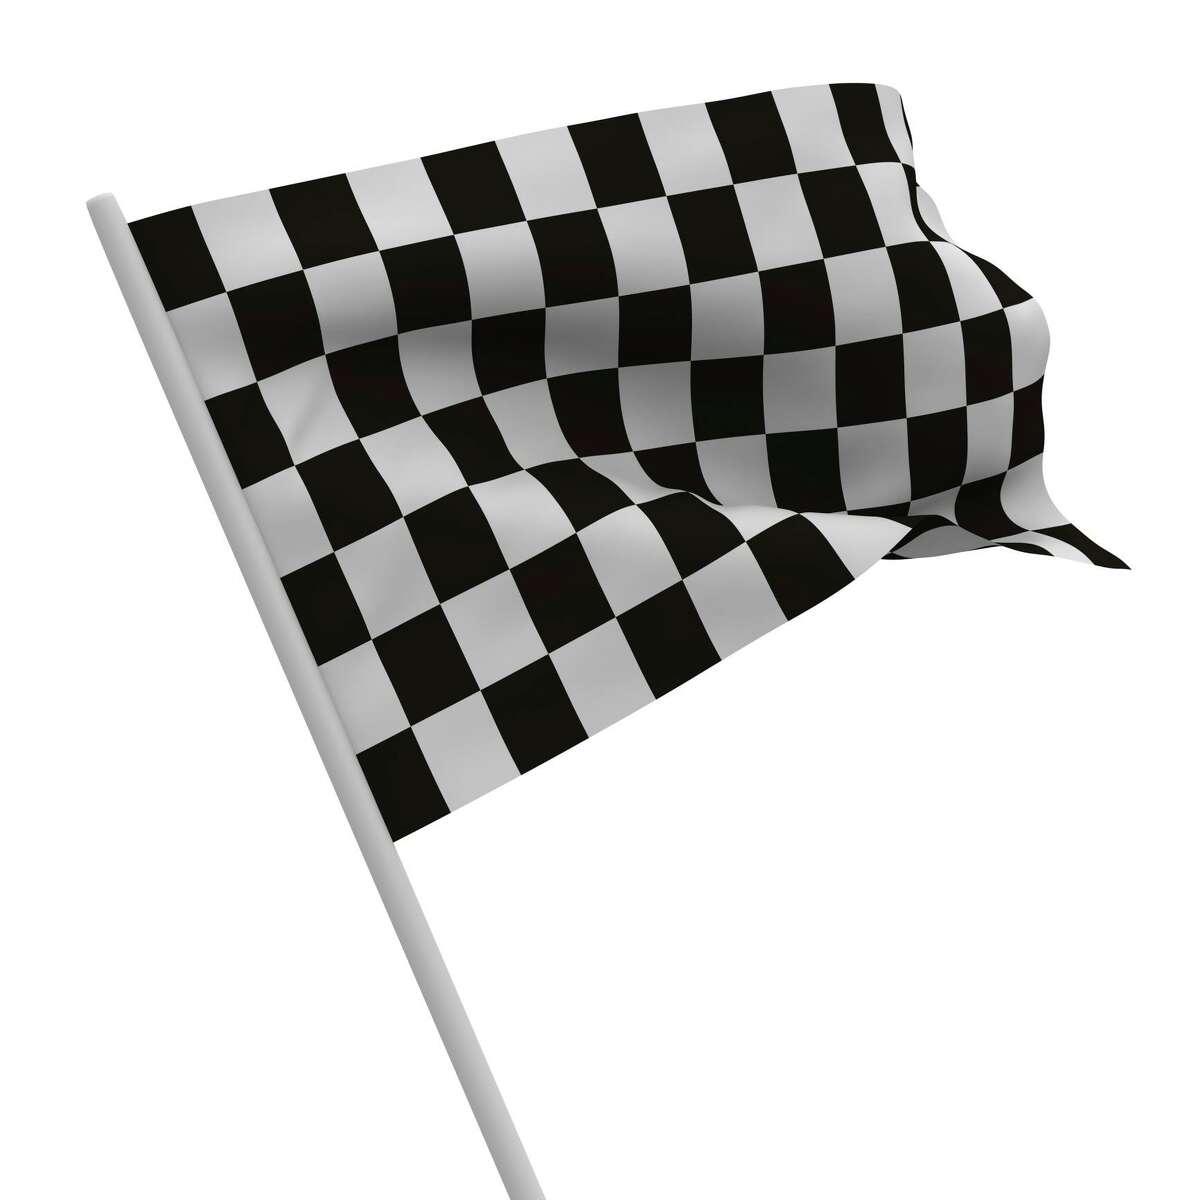 finishing checkered flag on white background. Isolated 3D image